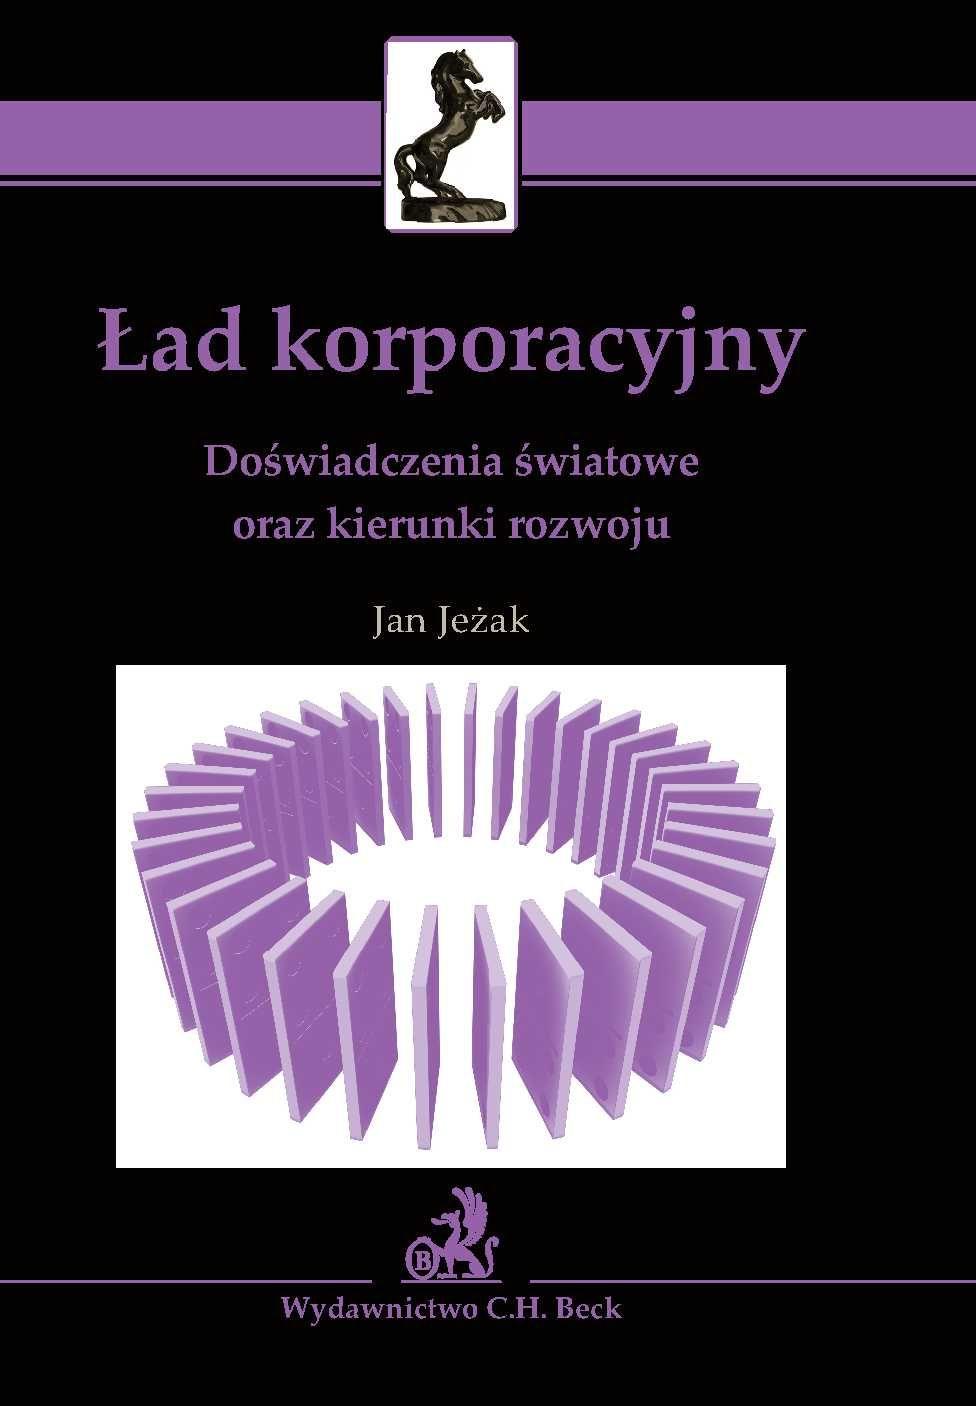 Ład korporacyjny. Doświadczenia światowe oraz kierunki rozwoju - Ebook (Książka PDF) do pobrania w formacie PDF